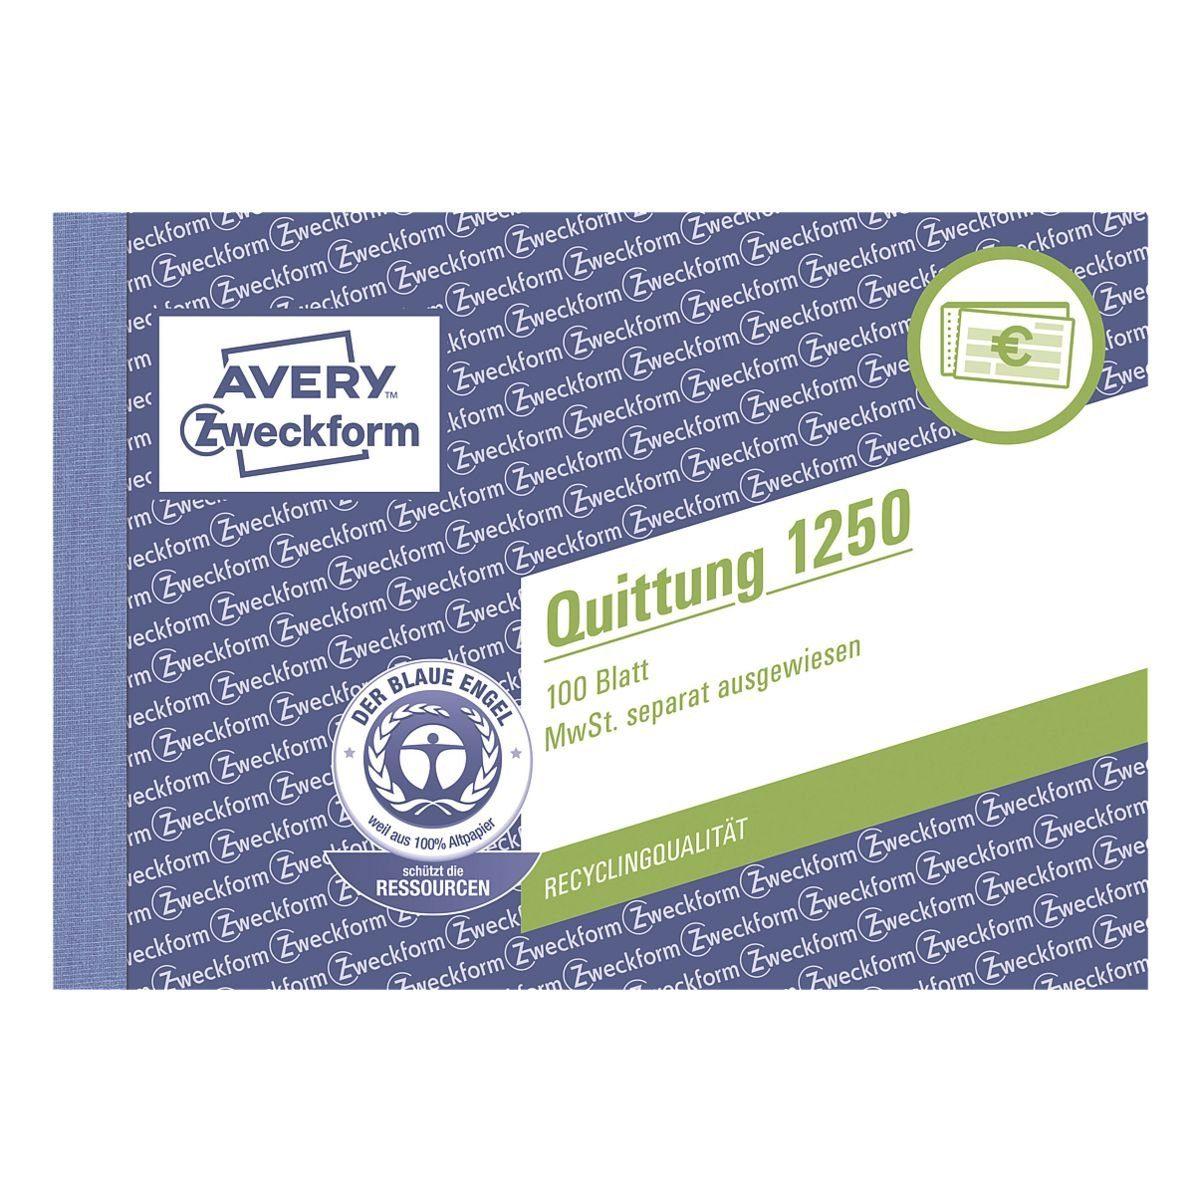 Avery Zweckform Formularbuch »Quittung, MwSt. separat mit Netto-Brutto...